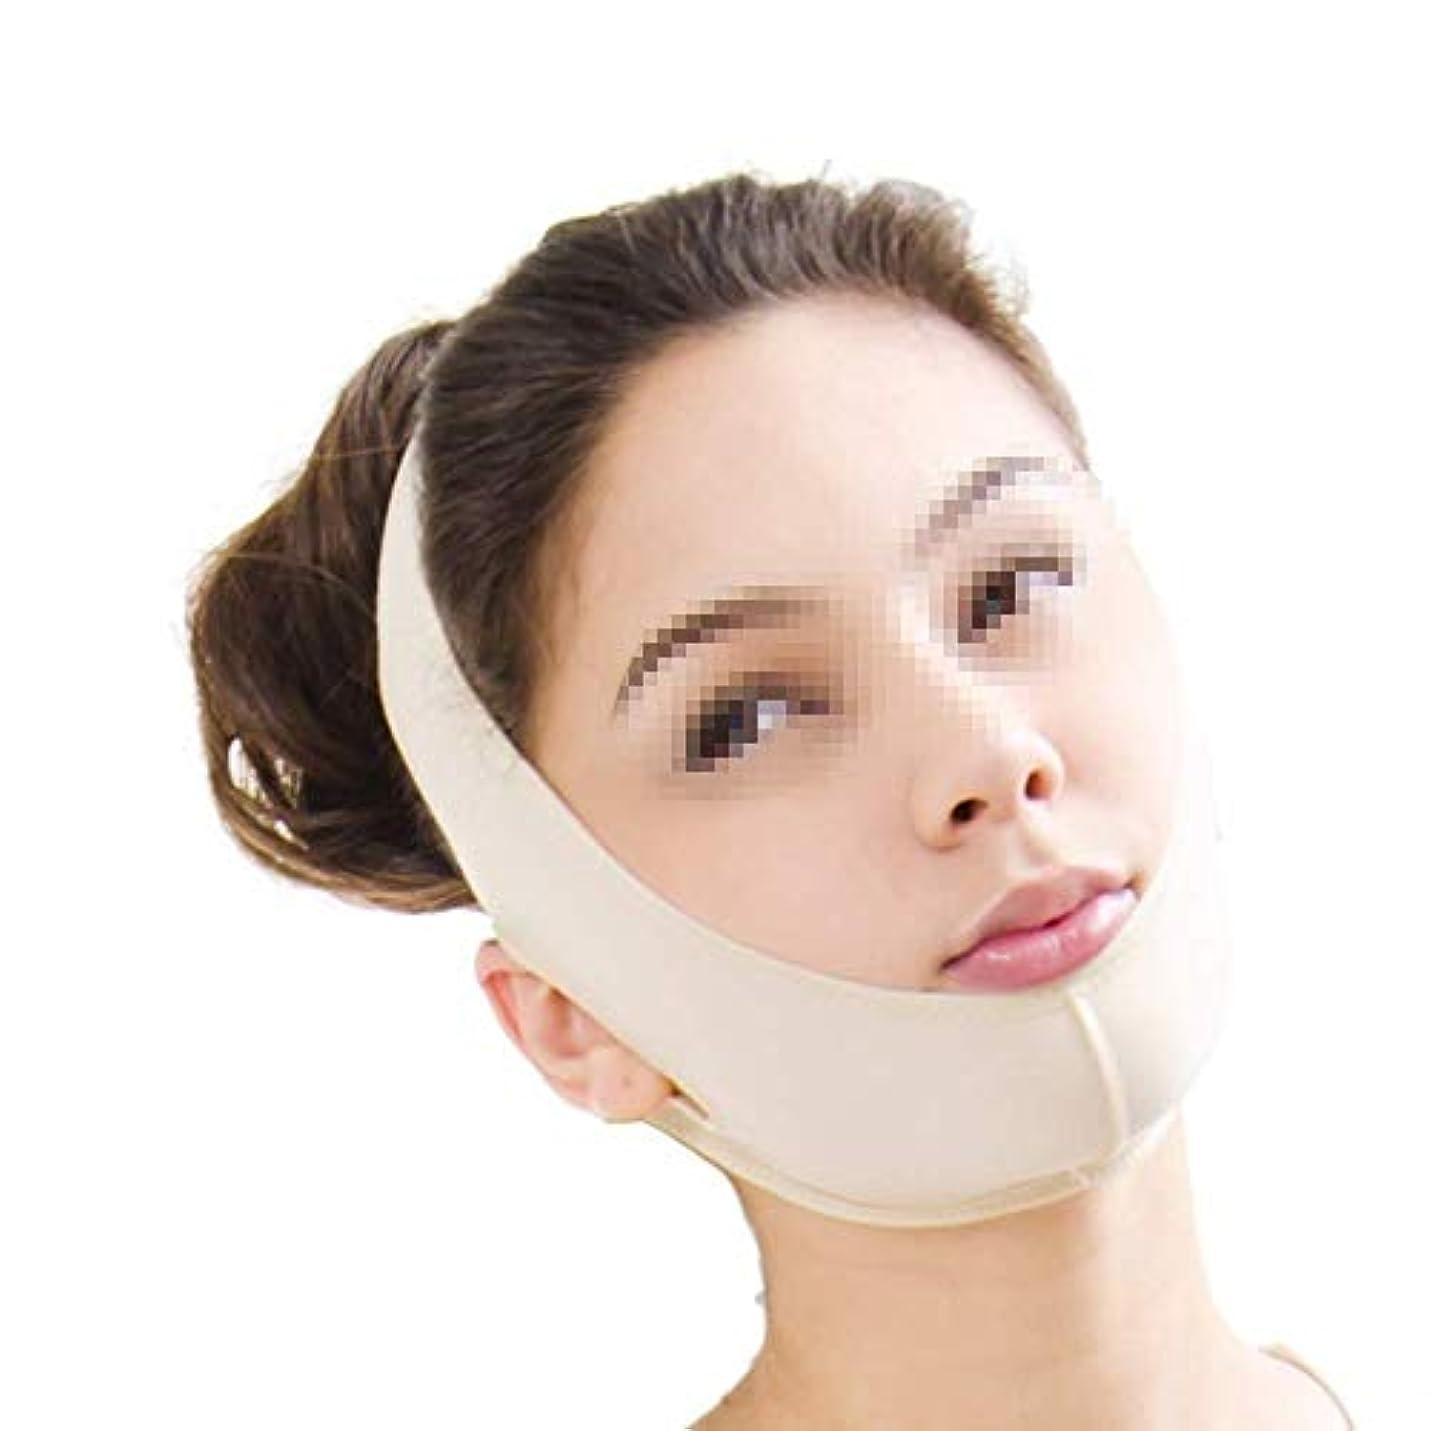 キャラバン遺伝子アラスカフェイスリフトマスク、顎顔面ダブルチン化粧品脂肪吸引後圧縮小顔包帯弾性ヘッドギア(サイズ:XXL)